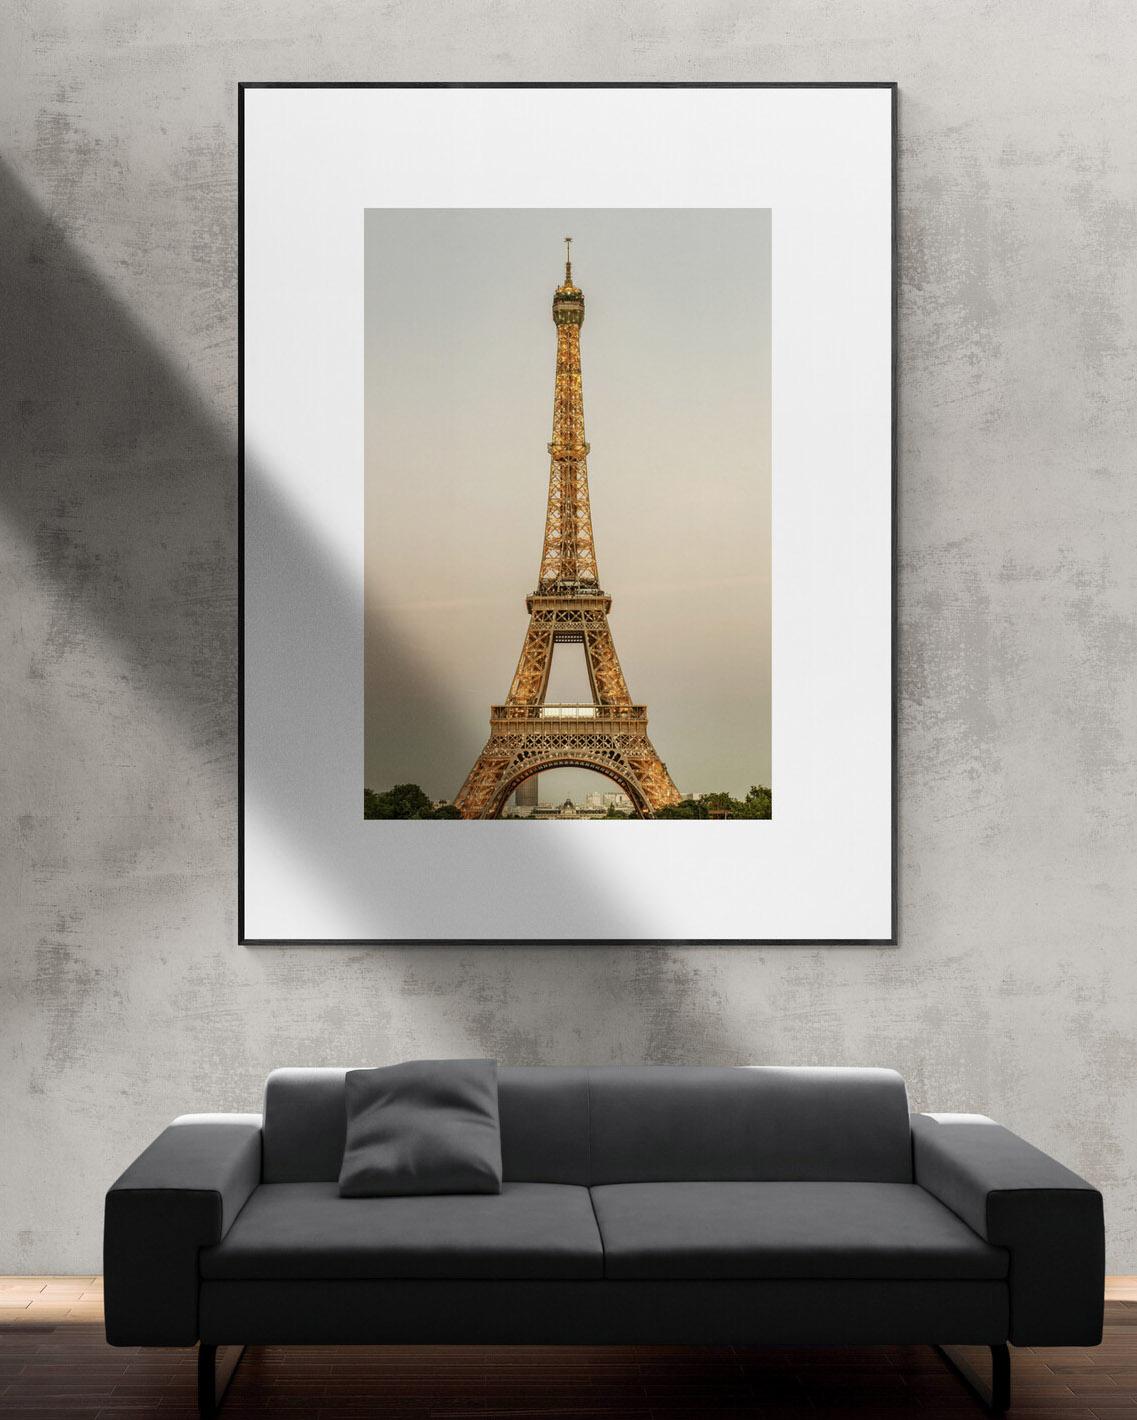 Torre Eiffel de París por Adolfo Gosálvez. Venta de Fotografía de autor en edición limitada. AG Shop